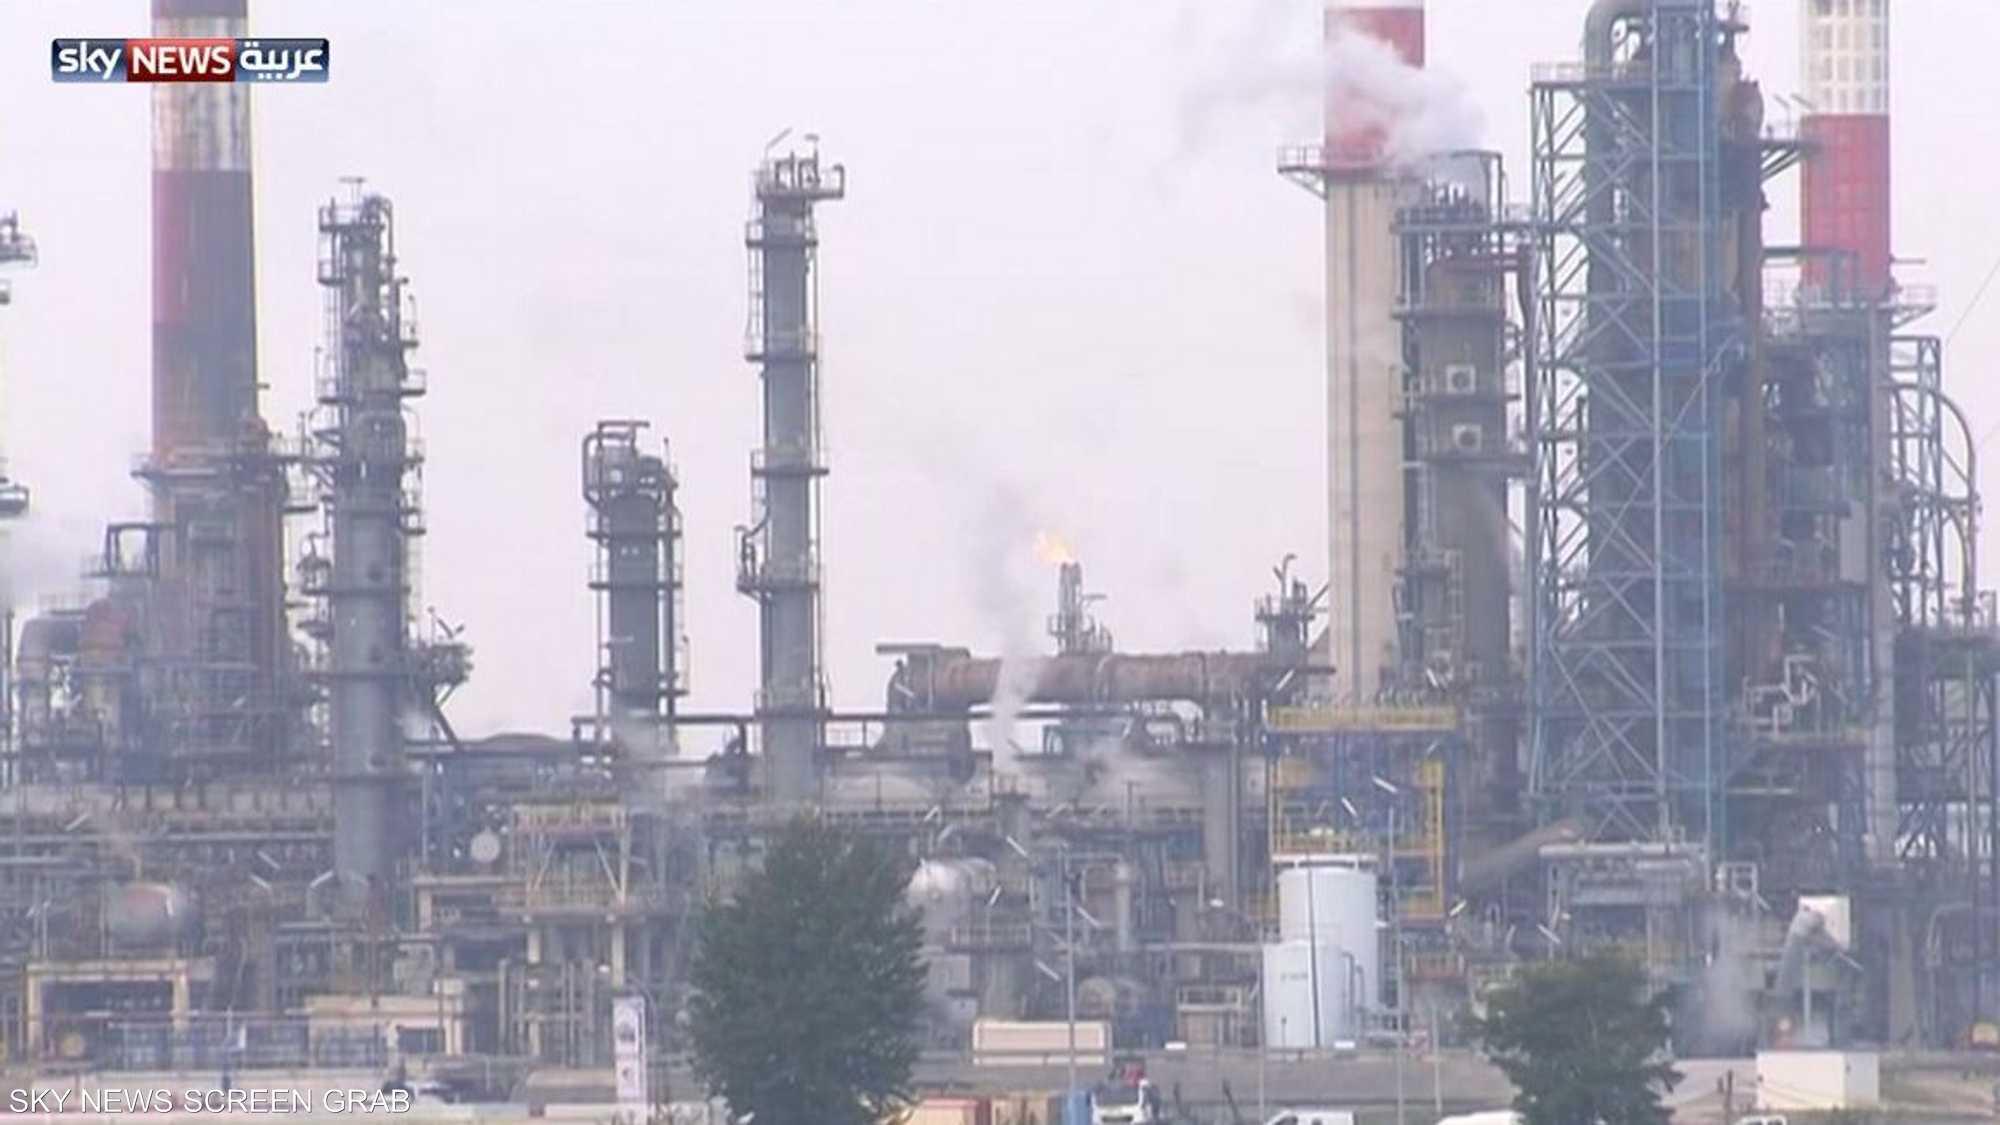 35 تريليون دولار القيمة السوقية لصناعة البتروكيماويات